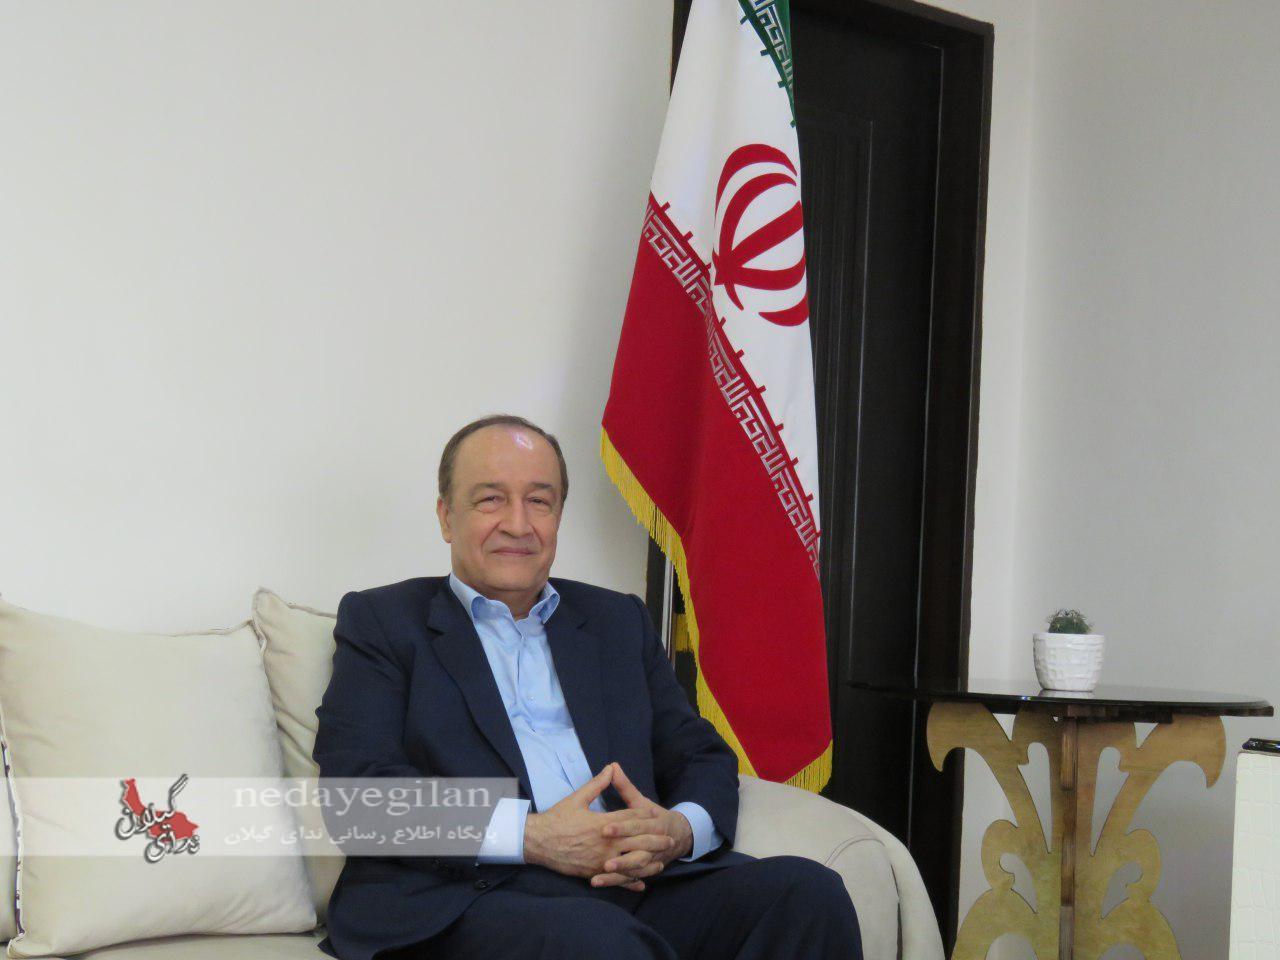 ارزیابی بنده پیروزی روحانی با درصد آرای بالاست/بخش عظیمی از وقت دولت صرف رفع مشکلات گذشته شد